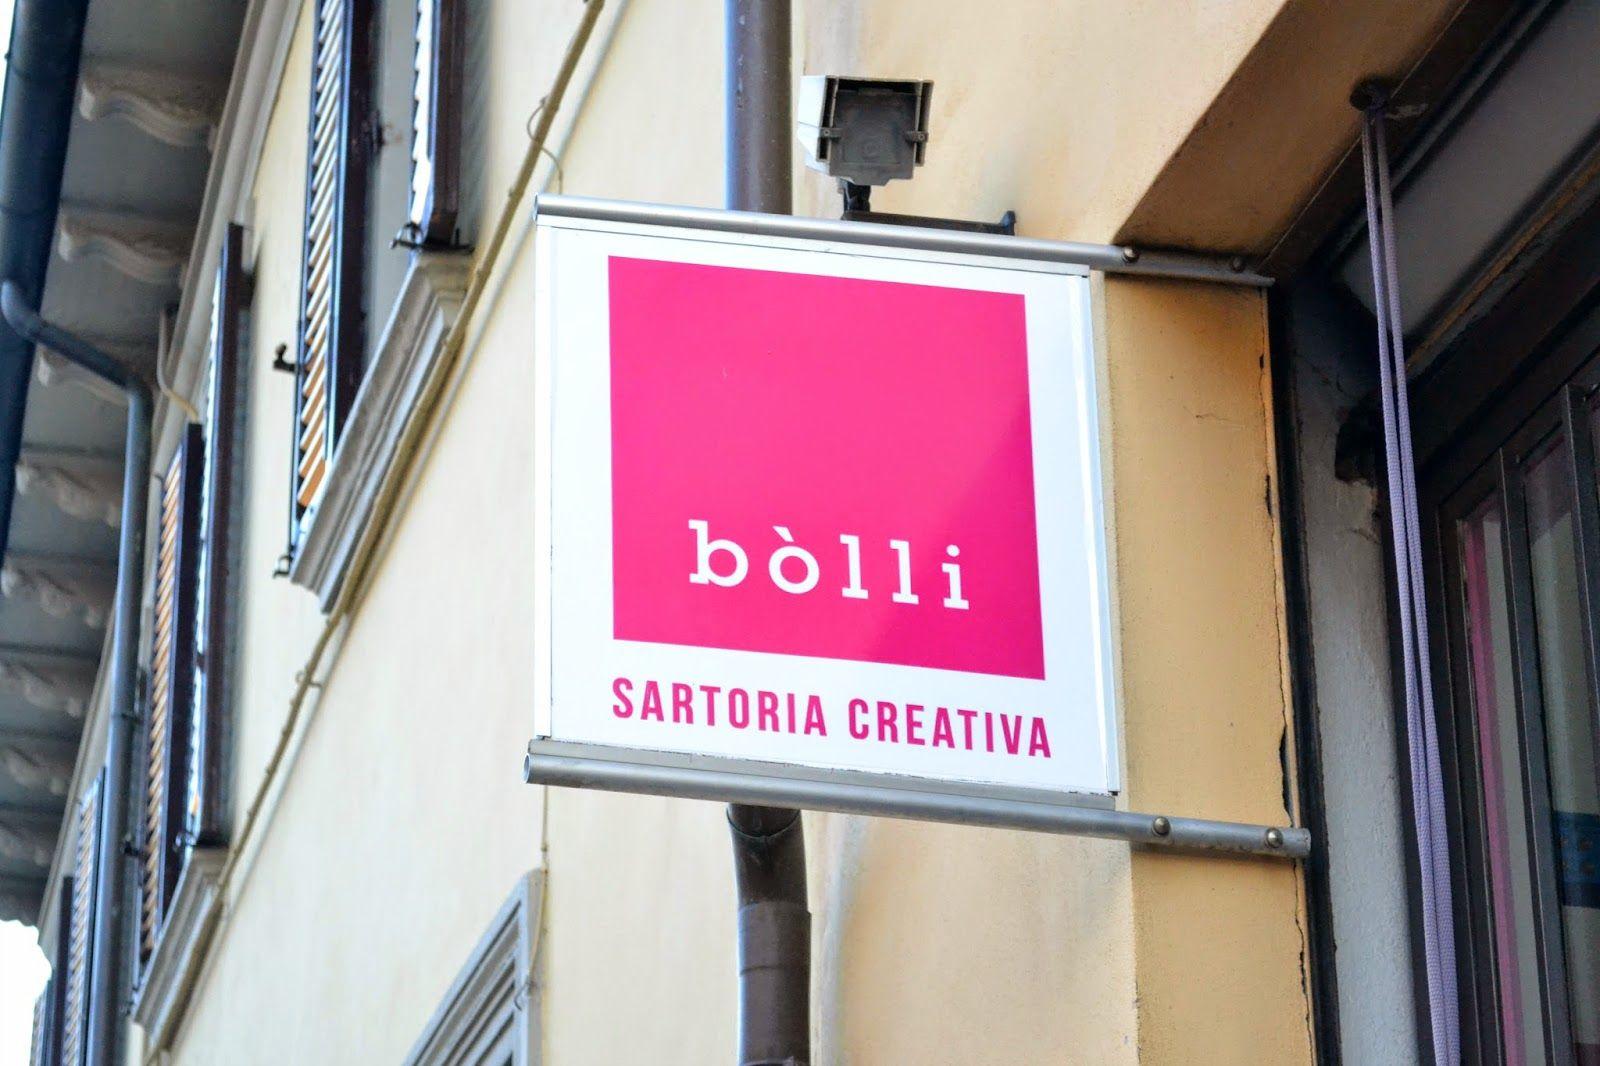 La Mandragola: La Mandragola è arrivata alla Sartoria Creativa Bolli! #arezzo #handmade #bolli